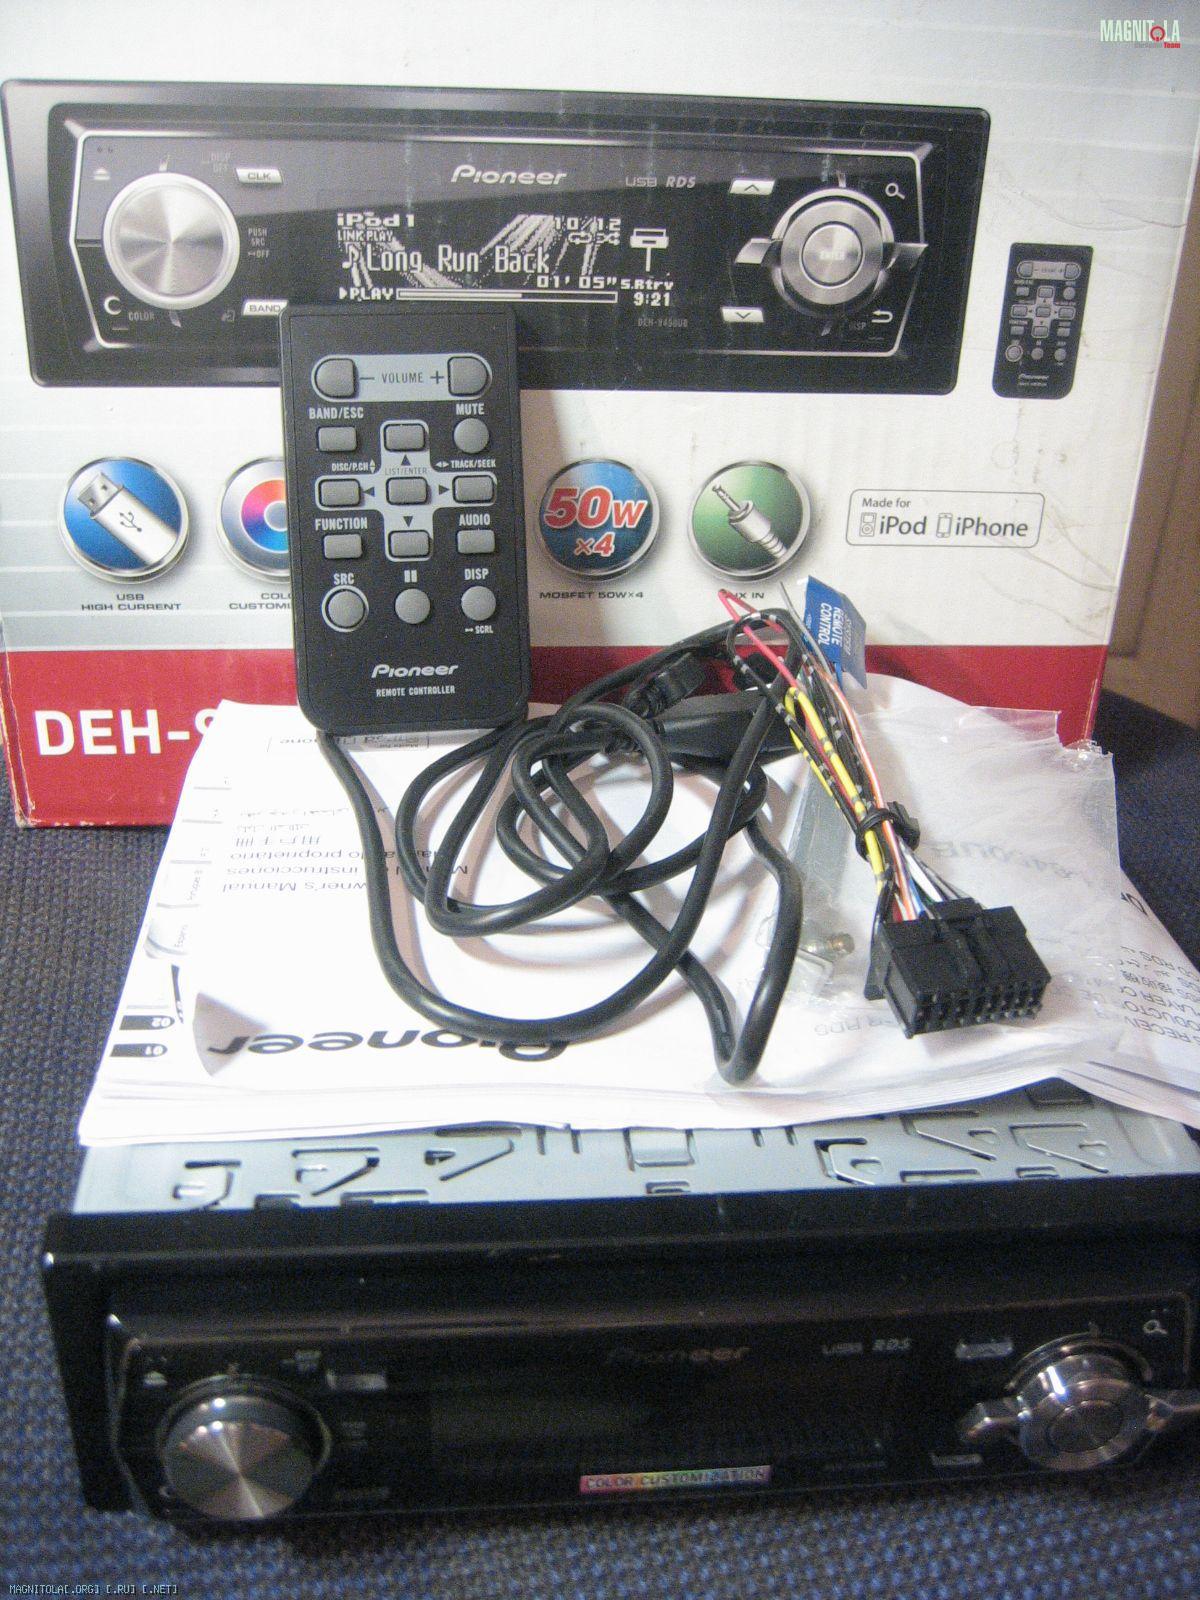 Deh 9450ub схема подключения